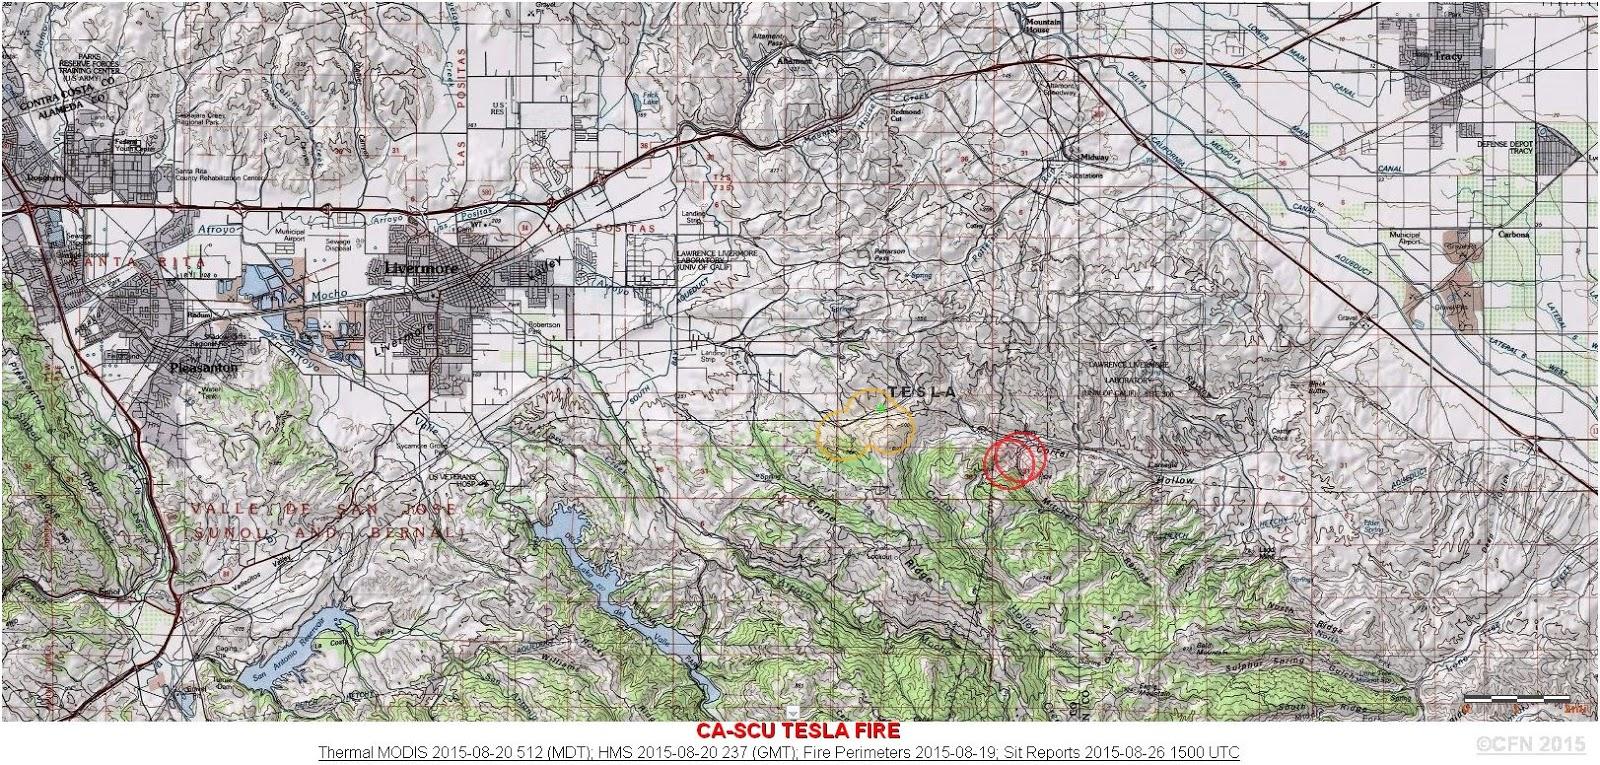 CFN - CALIFORNIA FIRE NEWS - CAL FIRE NEWS : CA-SCU- Tesla ... Scu Map on sto map, scg map, jcu map, slu map, ccu map, sfa map, stp map, smc map, sco map, stc map, sou map, snu map, sas map, acu map, spi map, smu map, siu campus map, stl map, spu map, scf map,